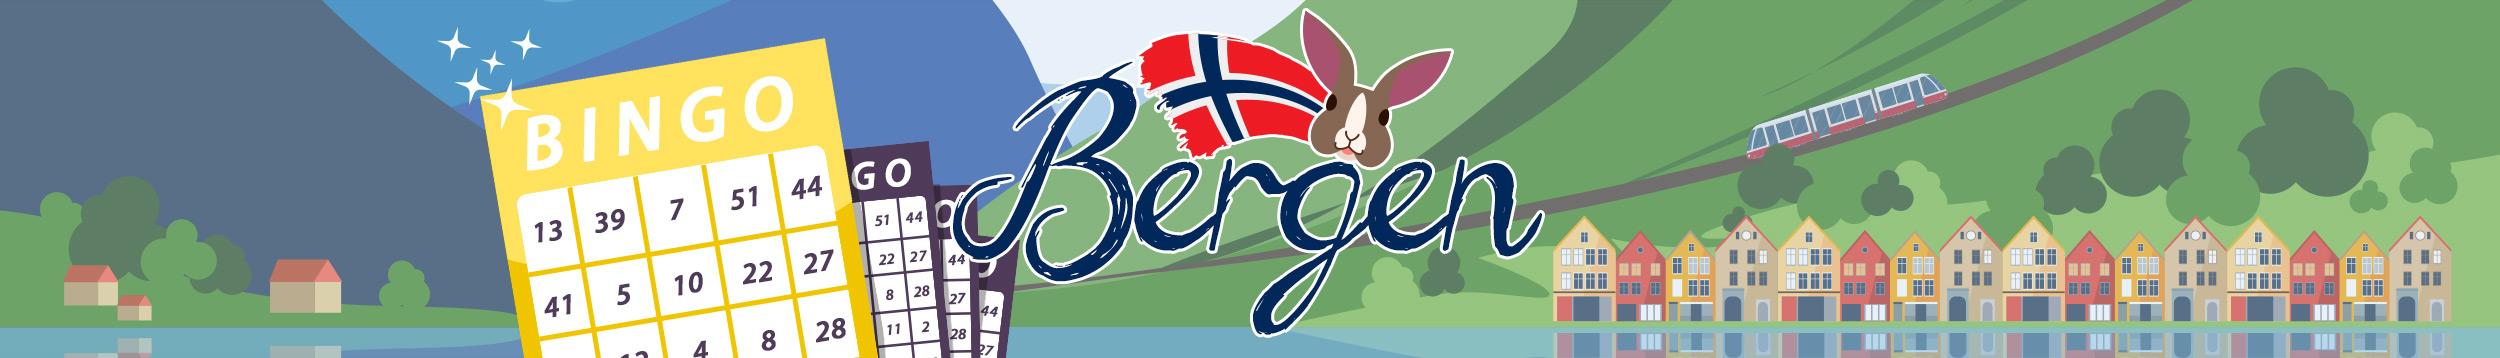 Pelaa uudessa Bergen -pelihuoneessa